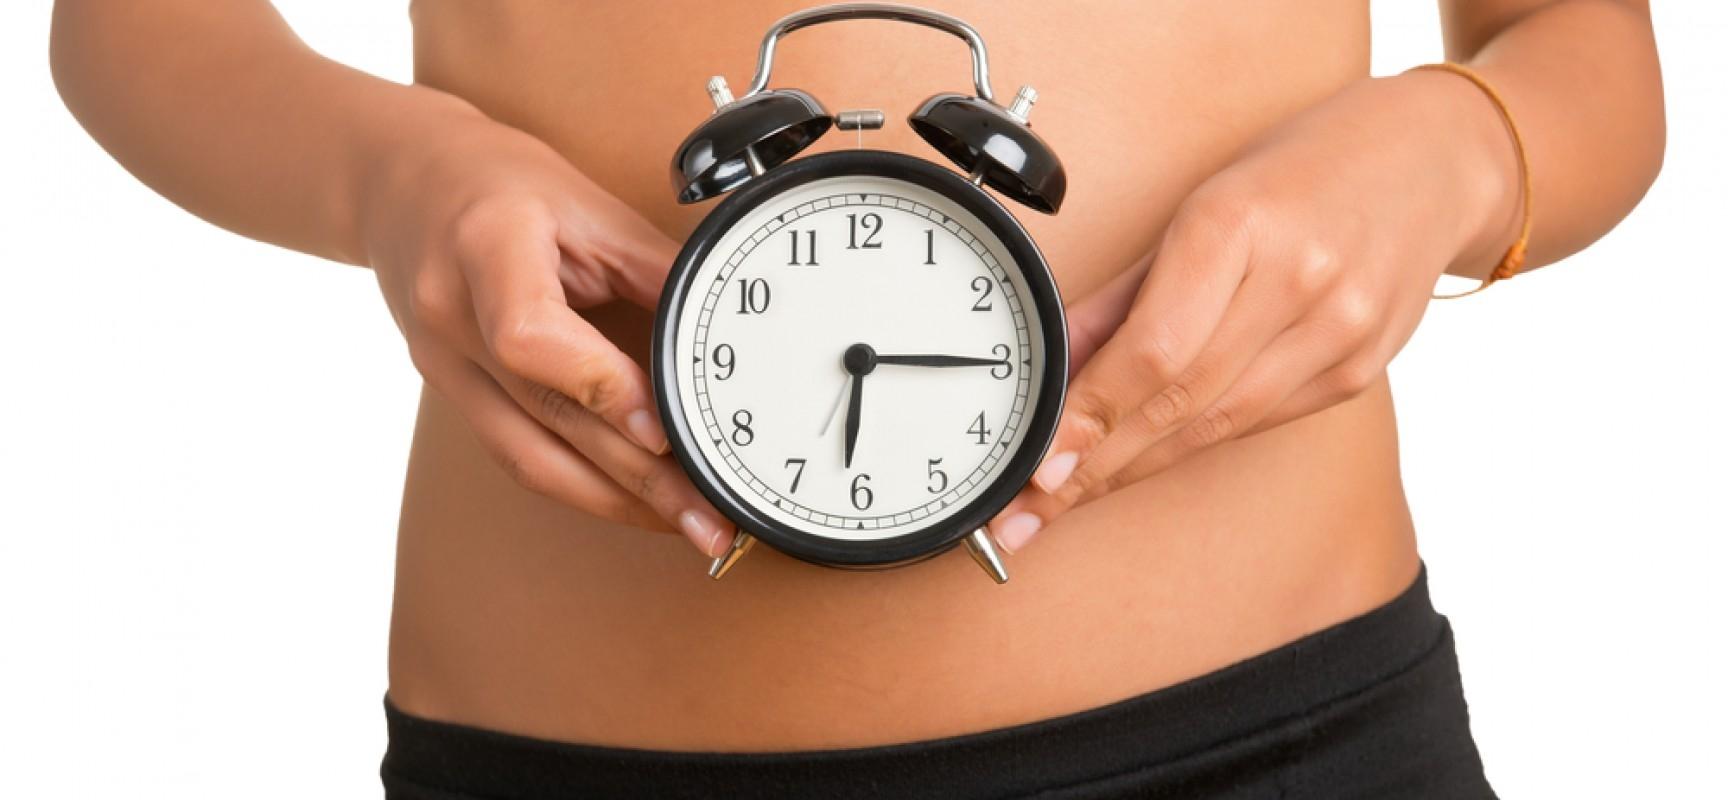 Tiene más preguntas sobre preguntas selectividad metabolismo resueltas?